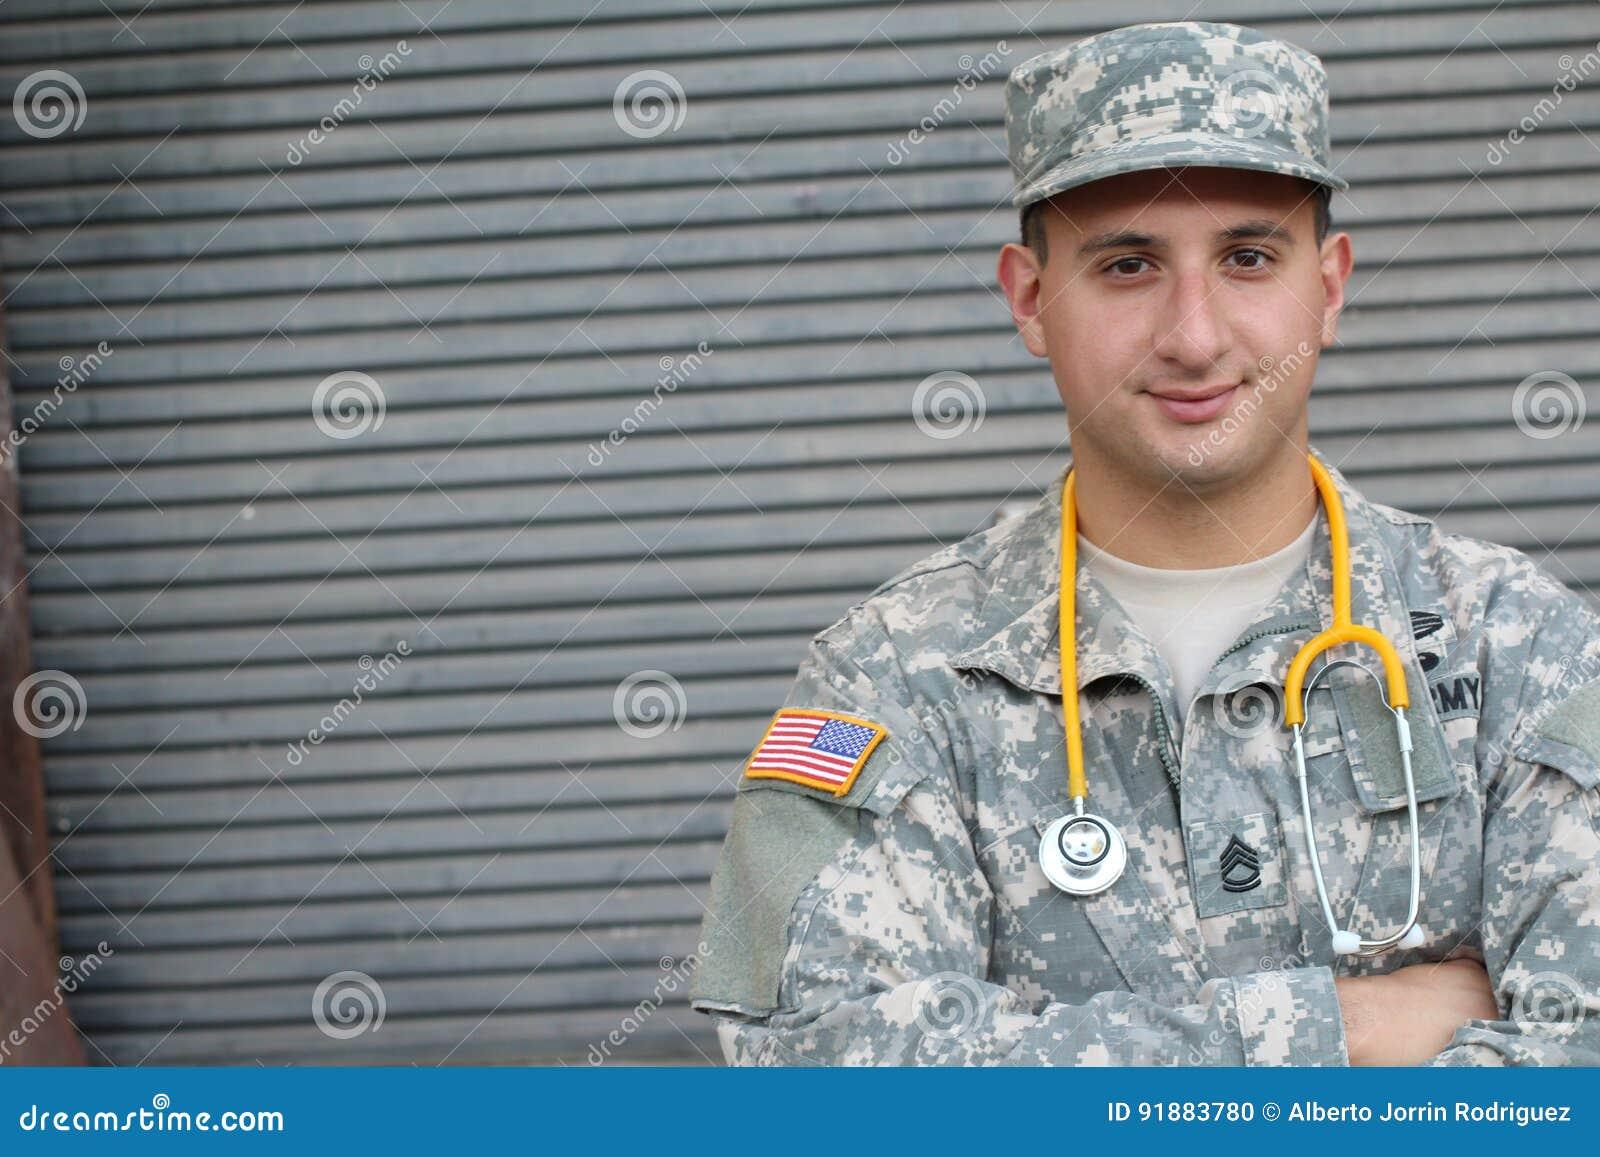 Męski Amerykański żołnierz w wojsko kamuflażu mundurze - Akcyjny wizerunek z kopii przestrzenią